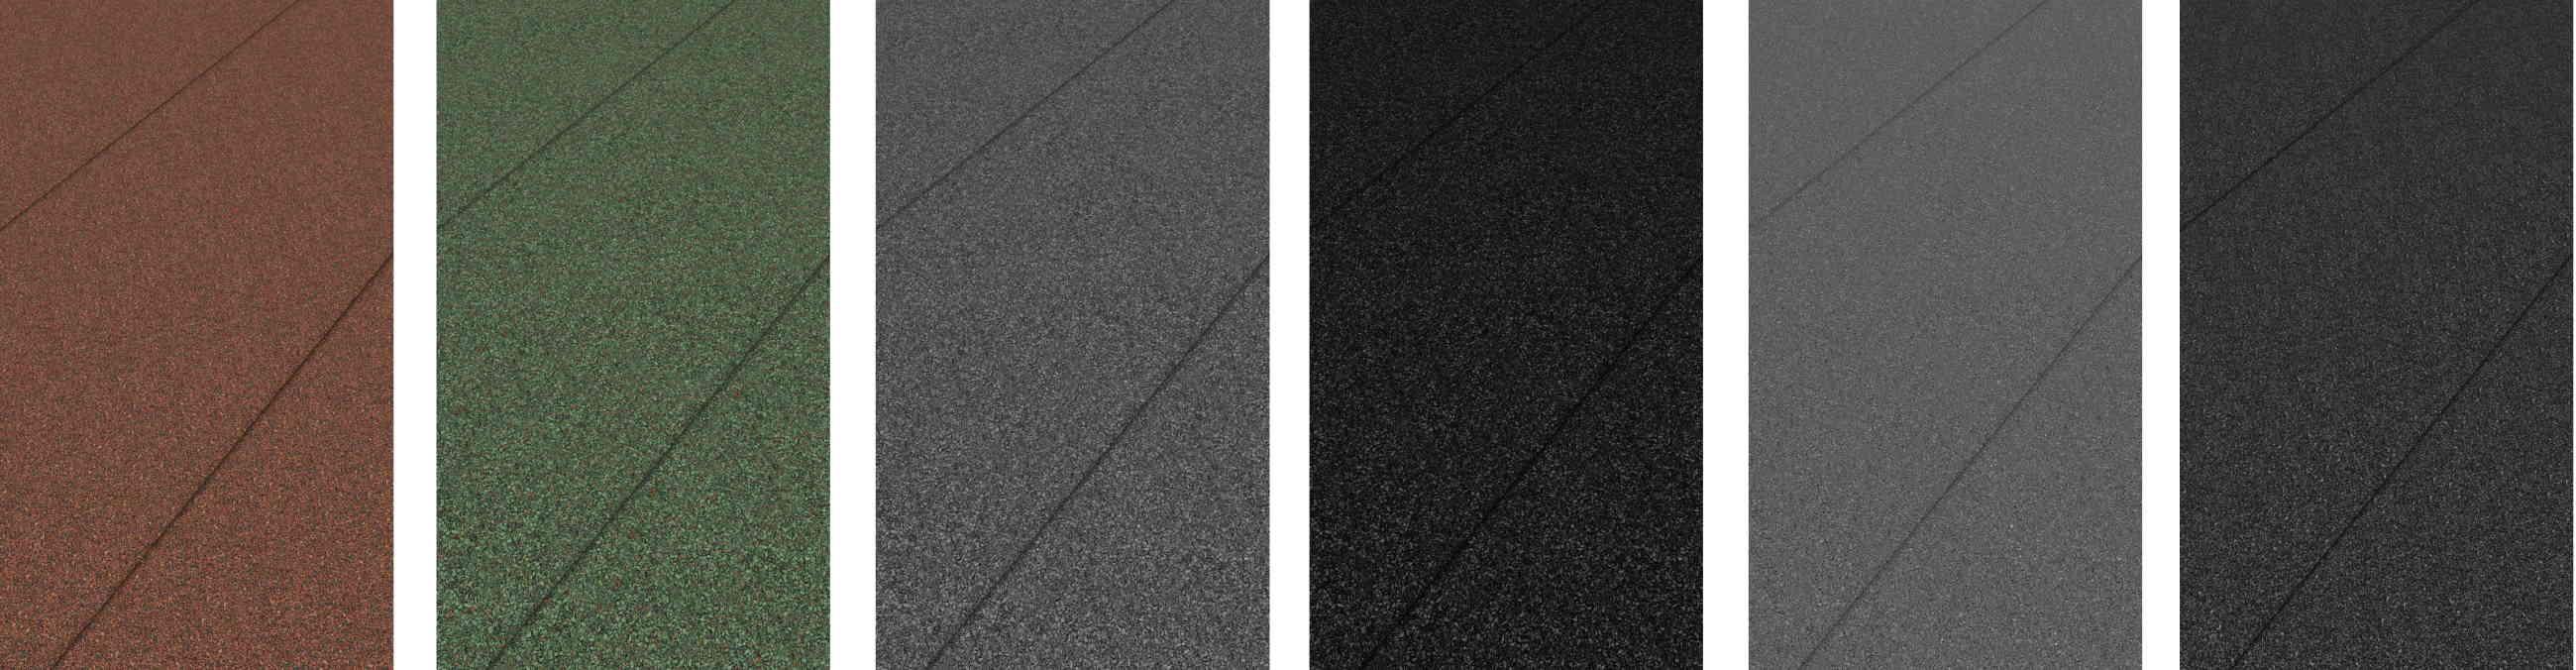 IMG - TopSafe Uni LiimaUltra tiivissaumakate värimallit samassa kuvassa rinnakkain - 2600px / 676px